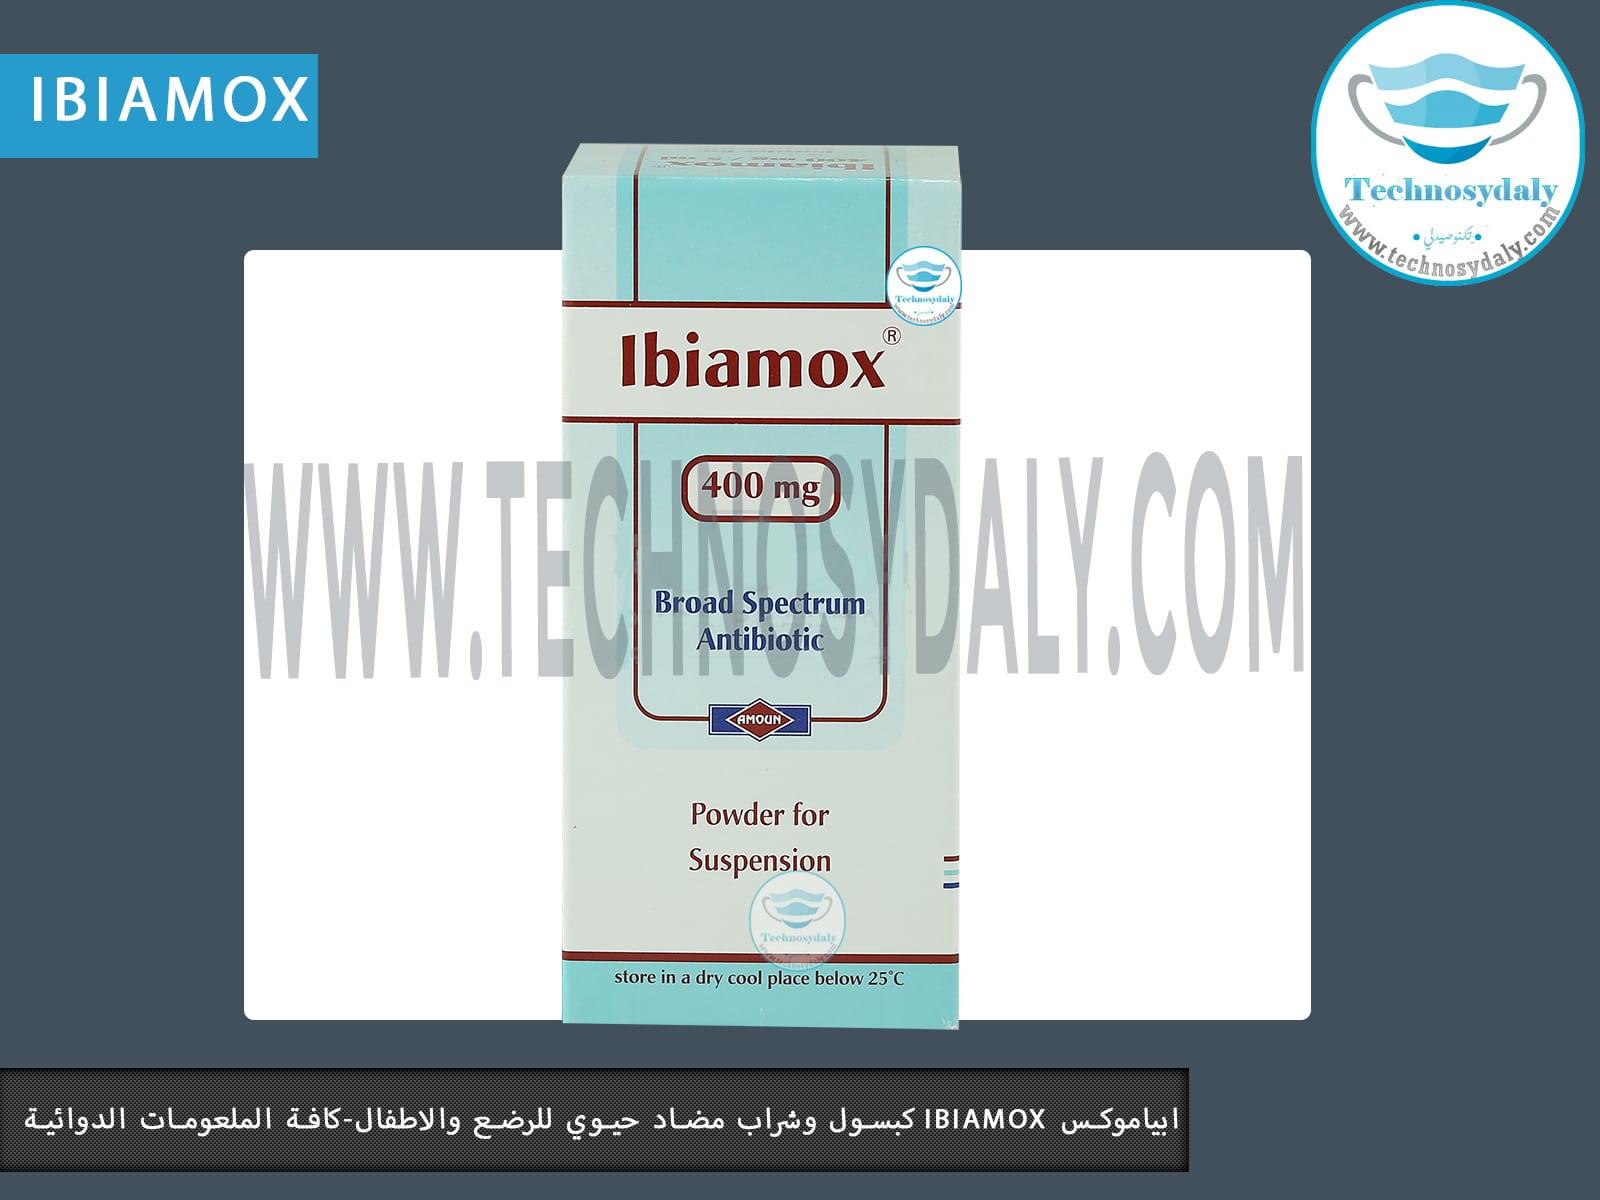 ابياموكس ibiamox كبسول وشراب مضاد حيوي للرضع والاطفال